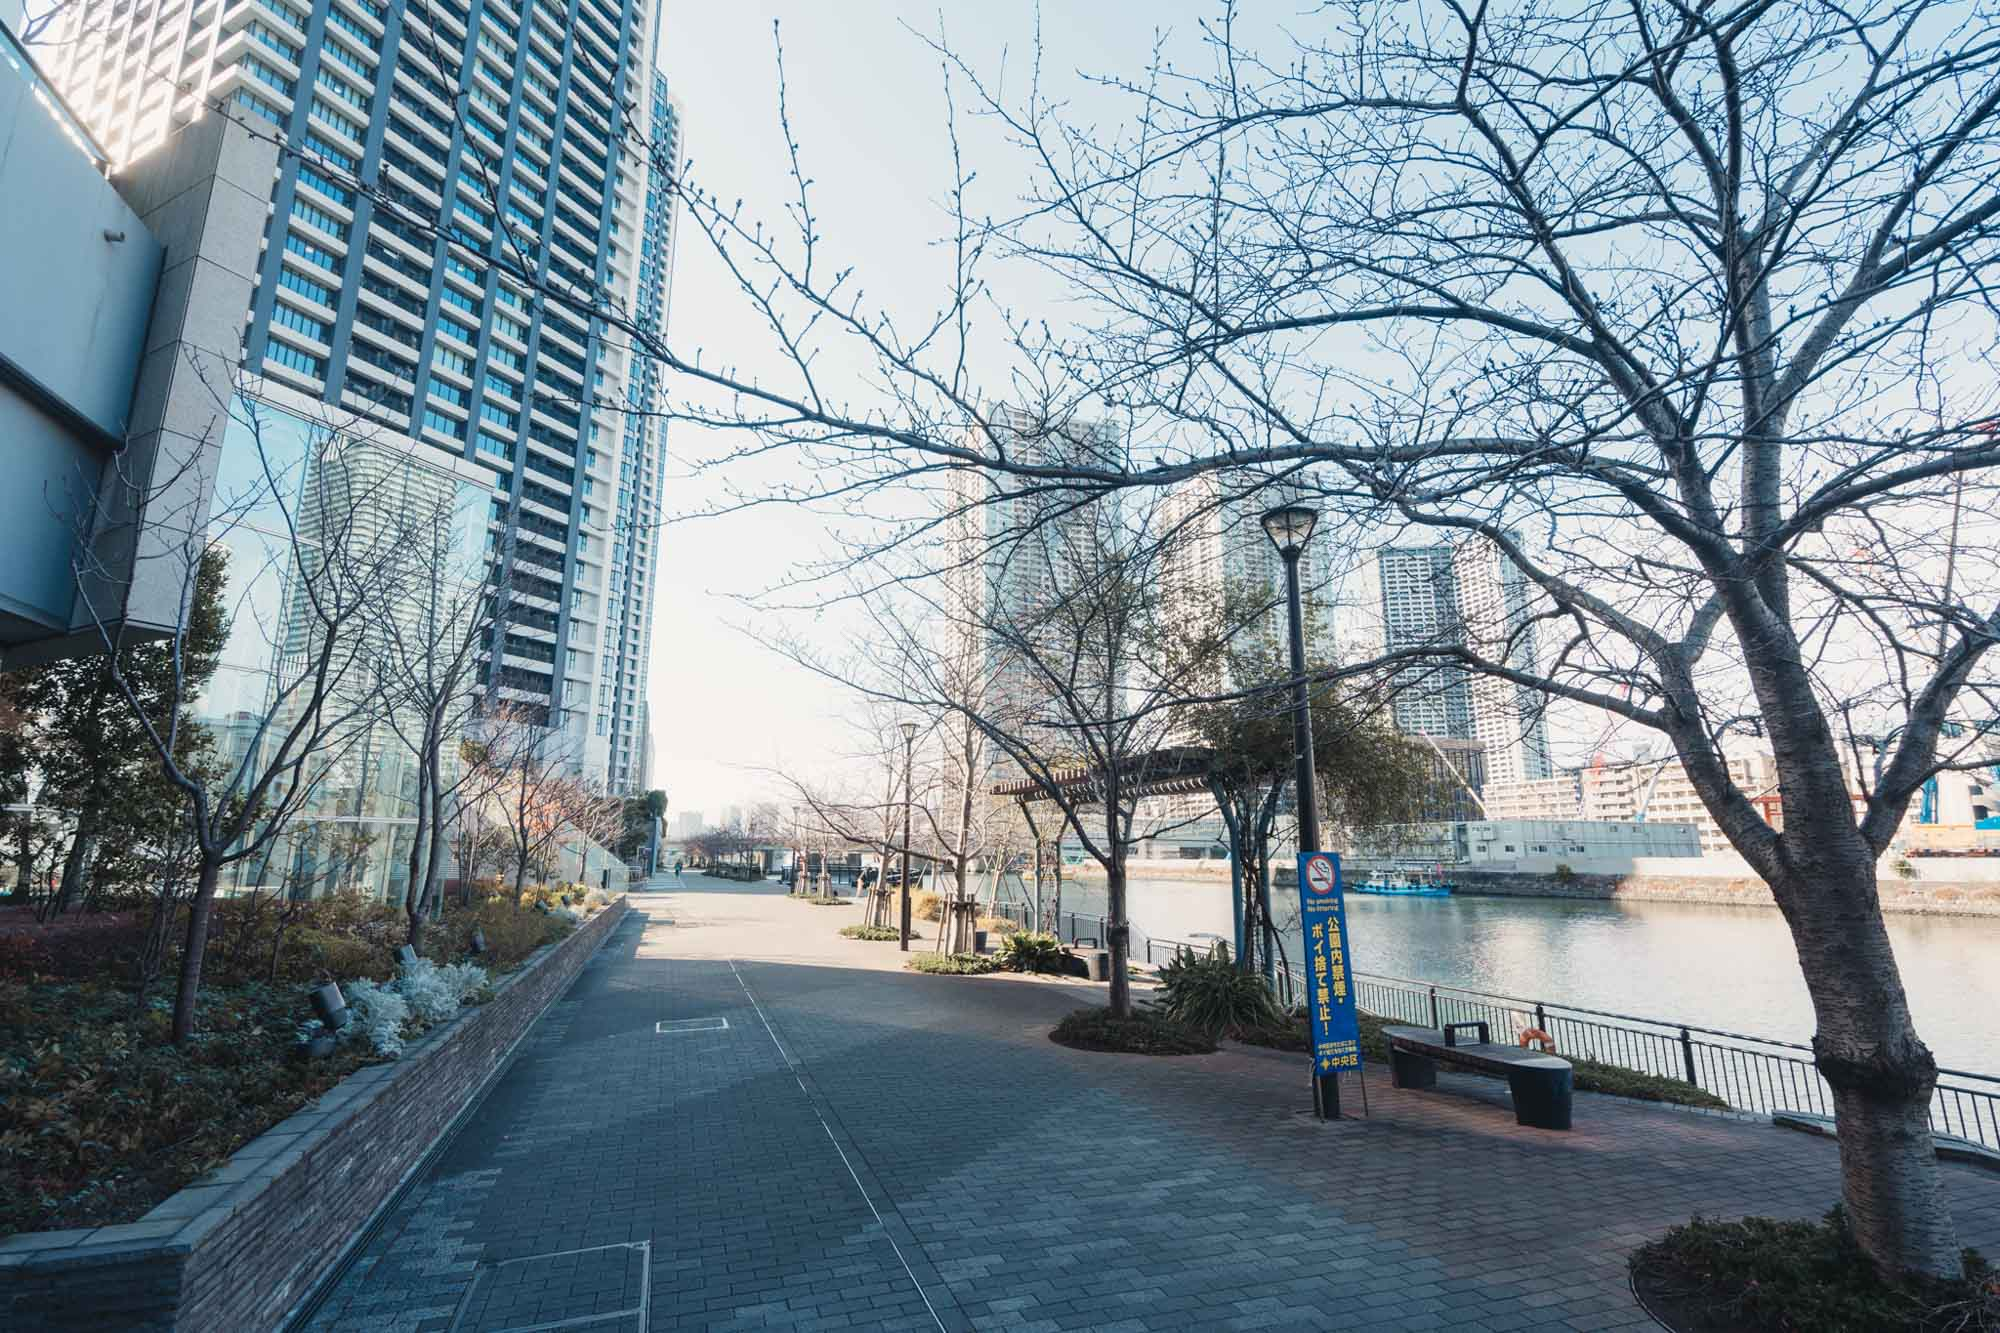 タワーのサブエントランスから、川沿いの遊歩道へと出てみました。散歩やランニングに重宝しそう